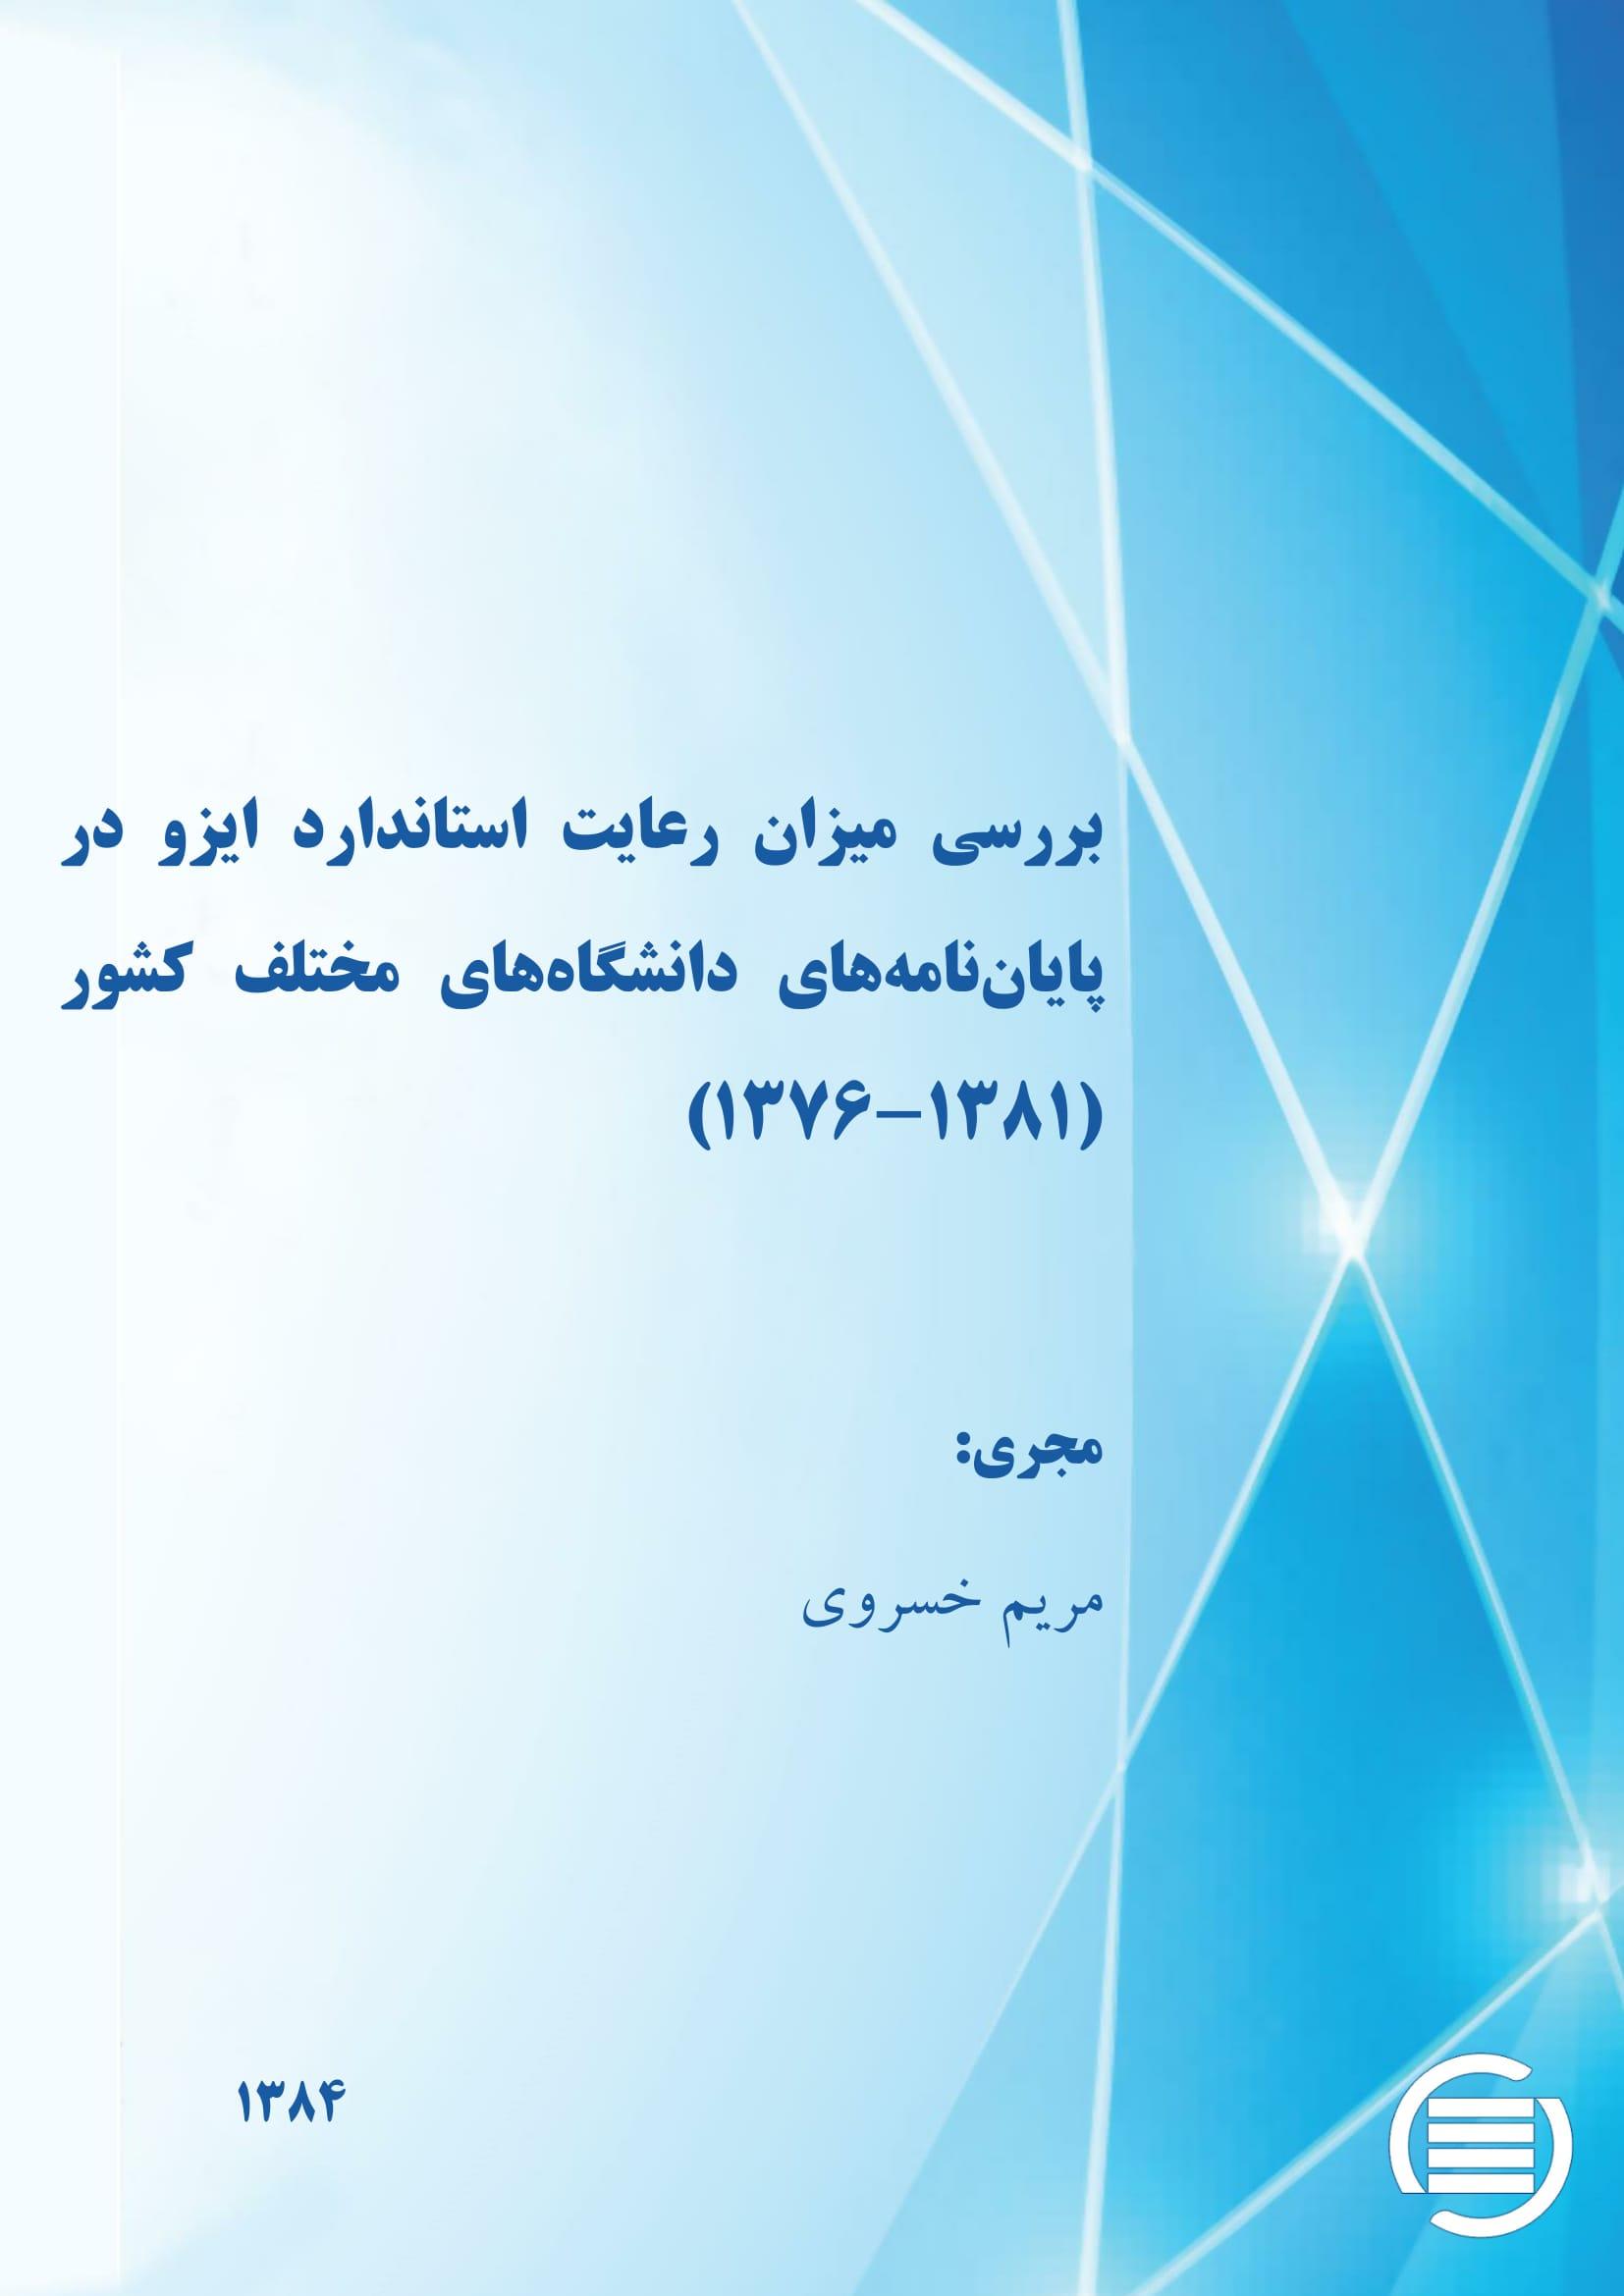 بررسی میزان رعایت استاندارد ایزو در پایاننامههای دانشگاههای مختلف کشور (۱۳۸۱-۱۳۷۶)